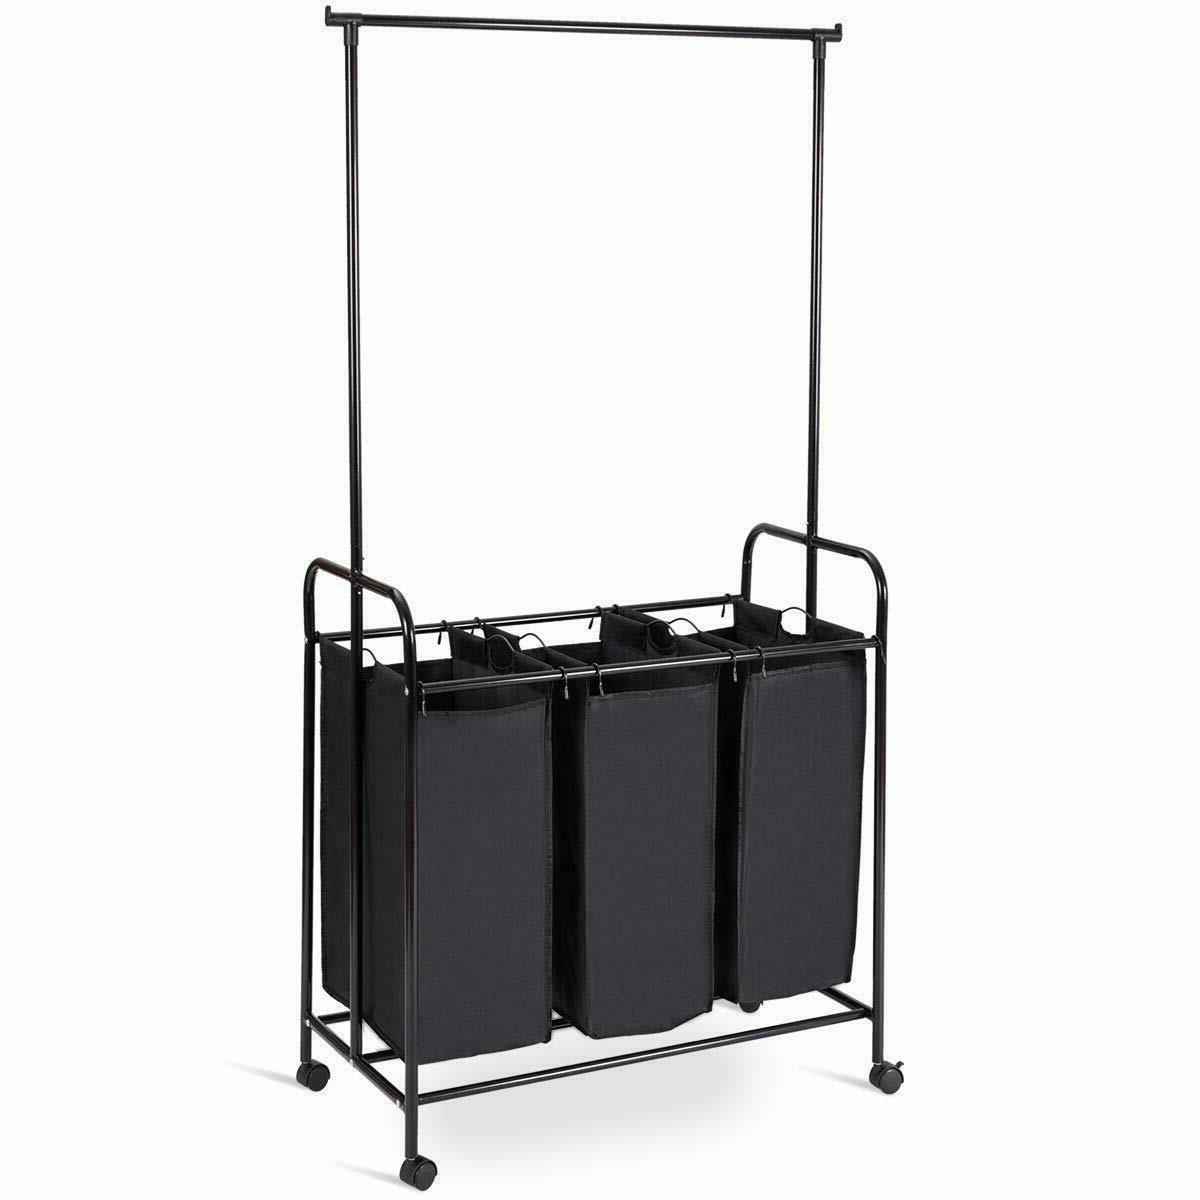 rolling laundry hamper sorter cart hanging bar